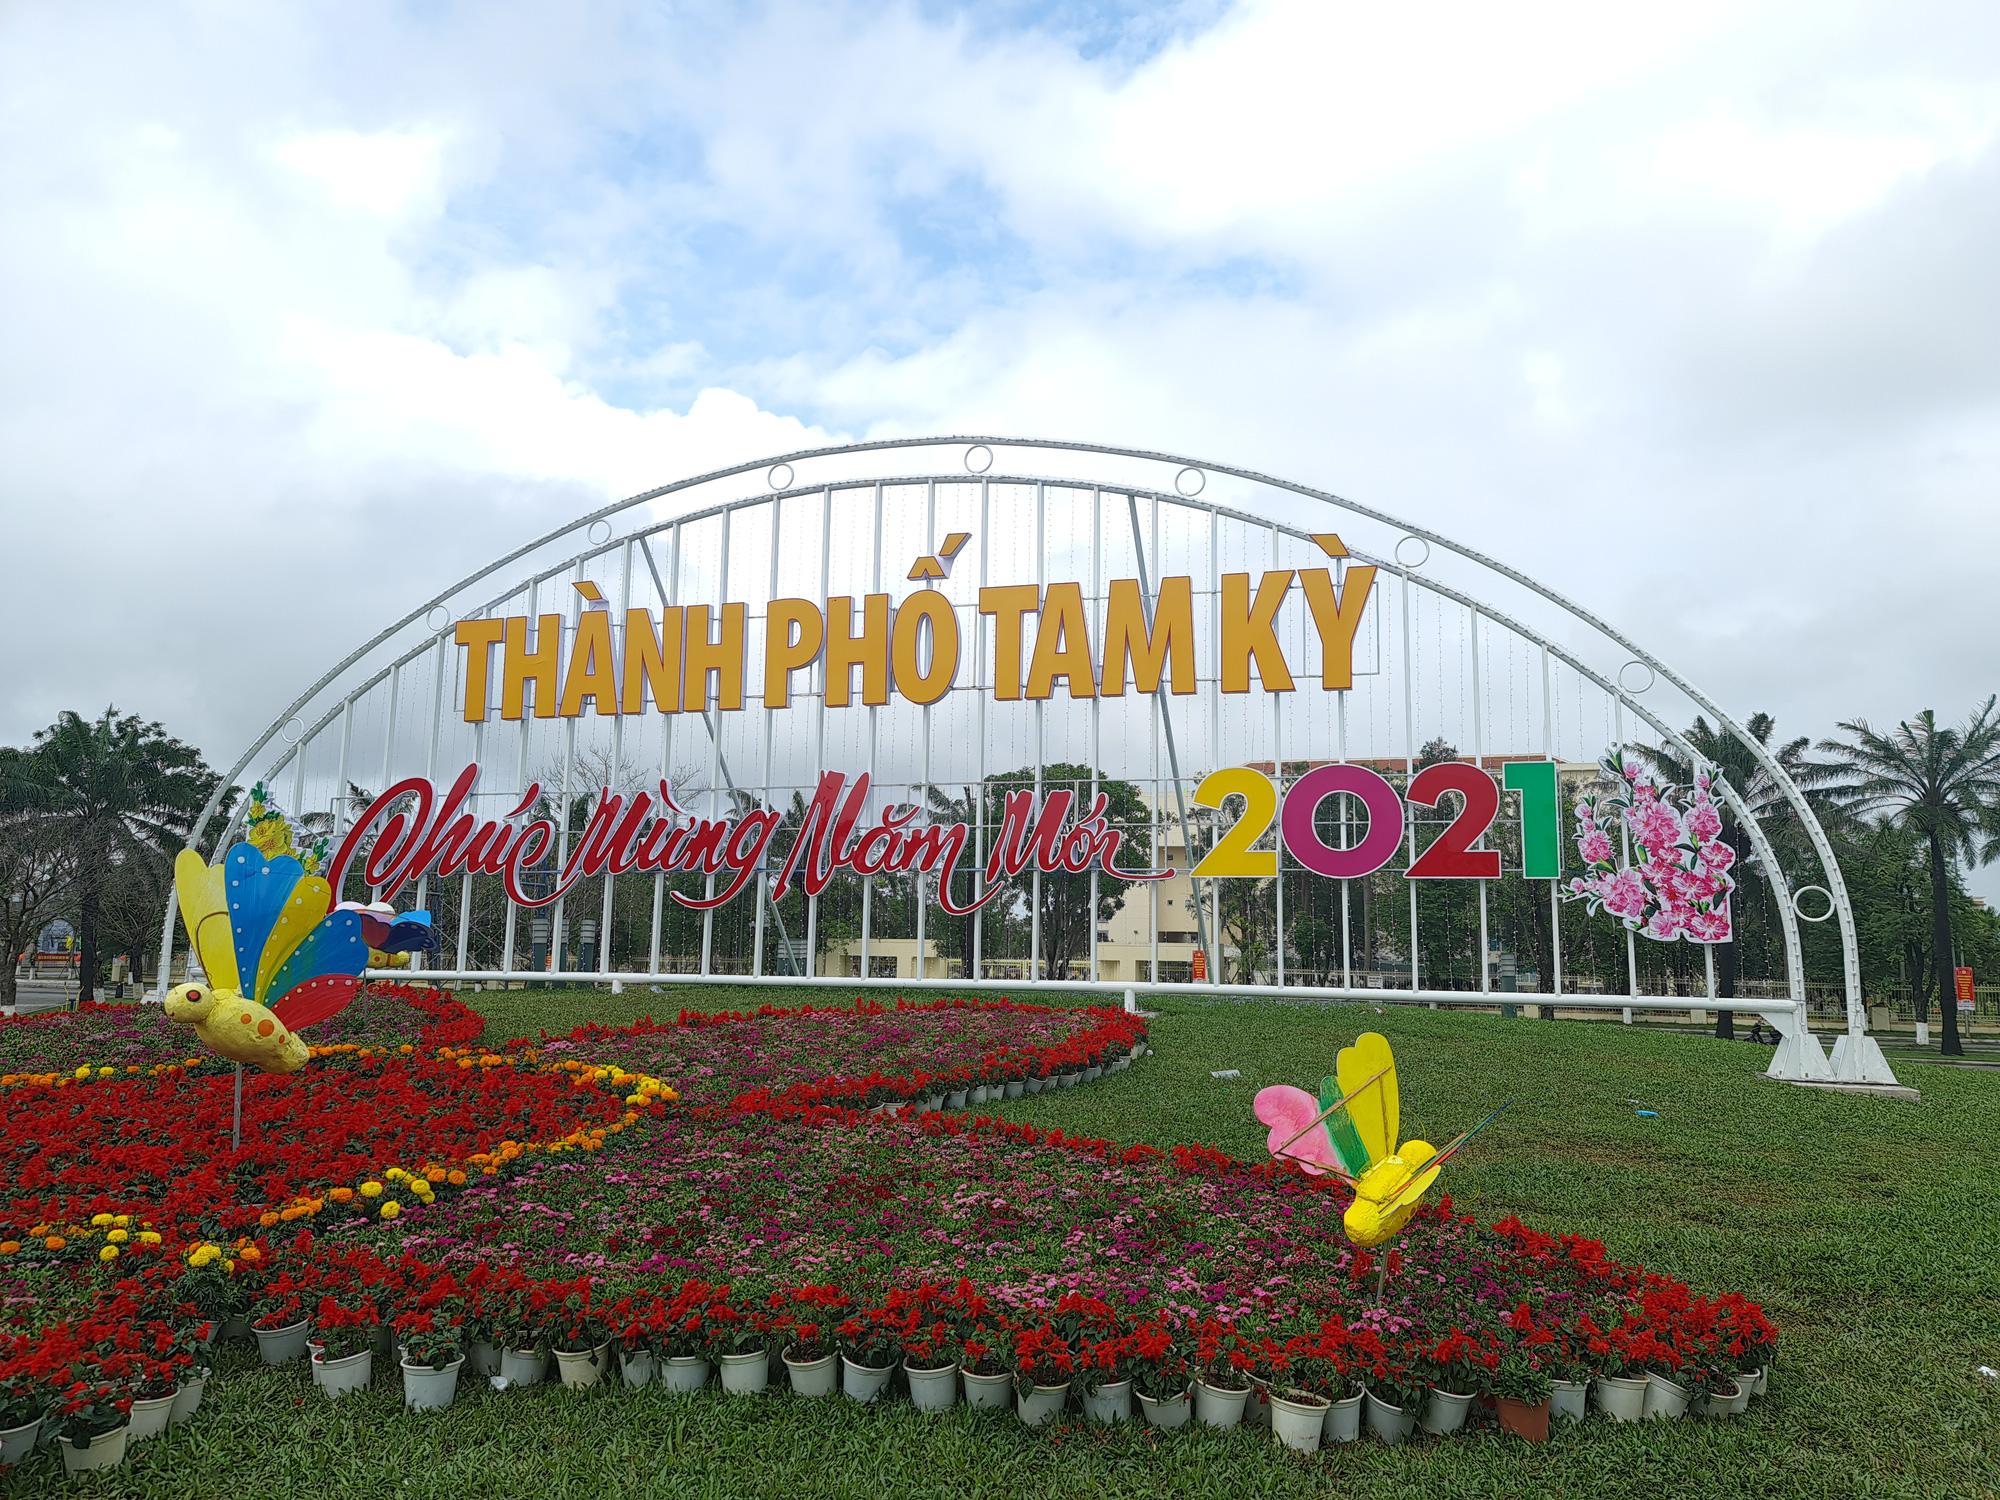 Quảng trường lớn nhất tỉnh Quảng Nam được trang trí bằng đồ nhà nông và hàng chục loại hoa sắc sảo - Ảnh 1.